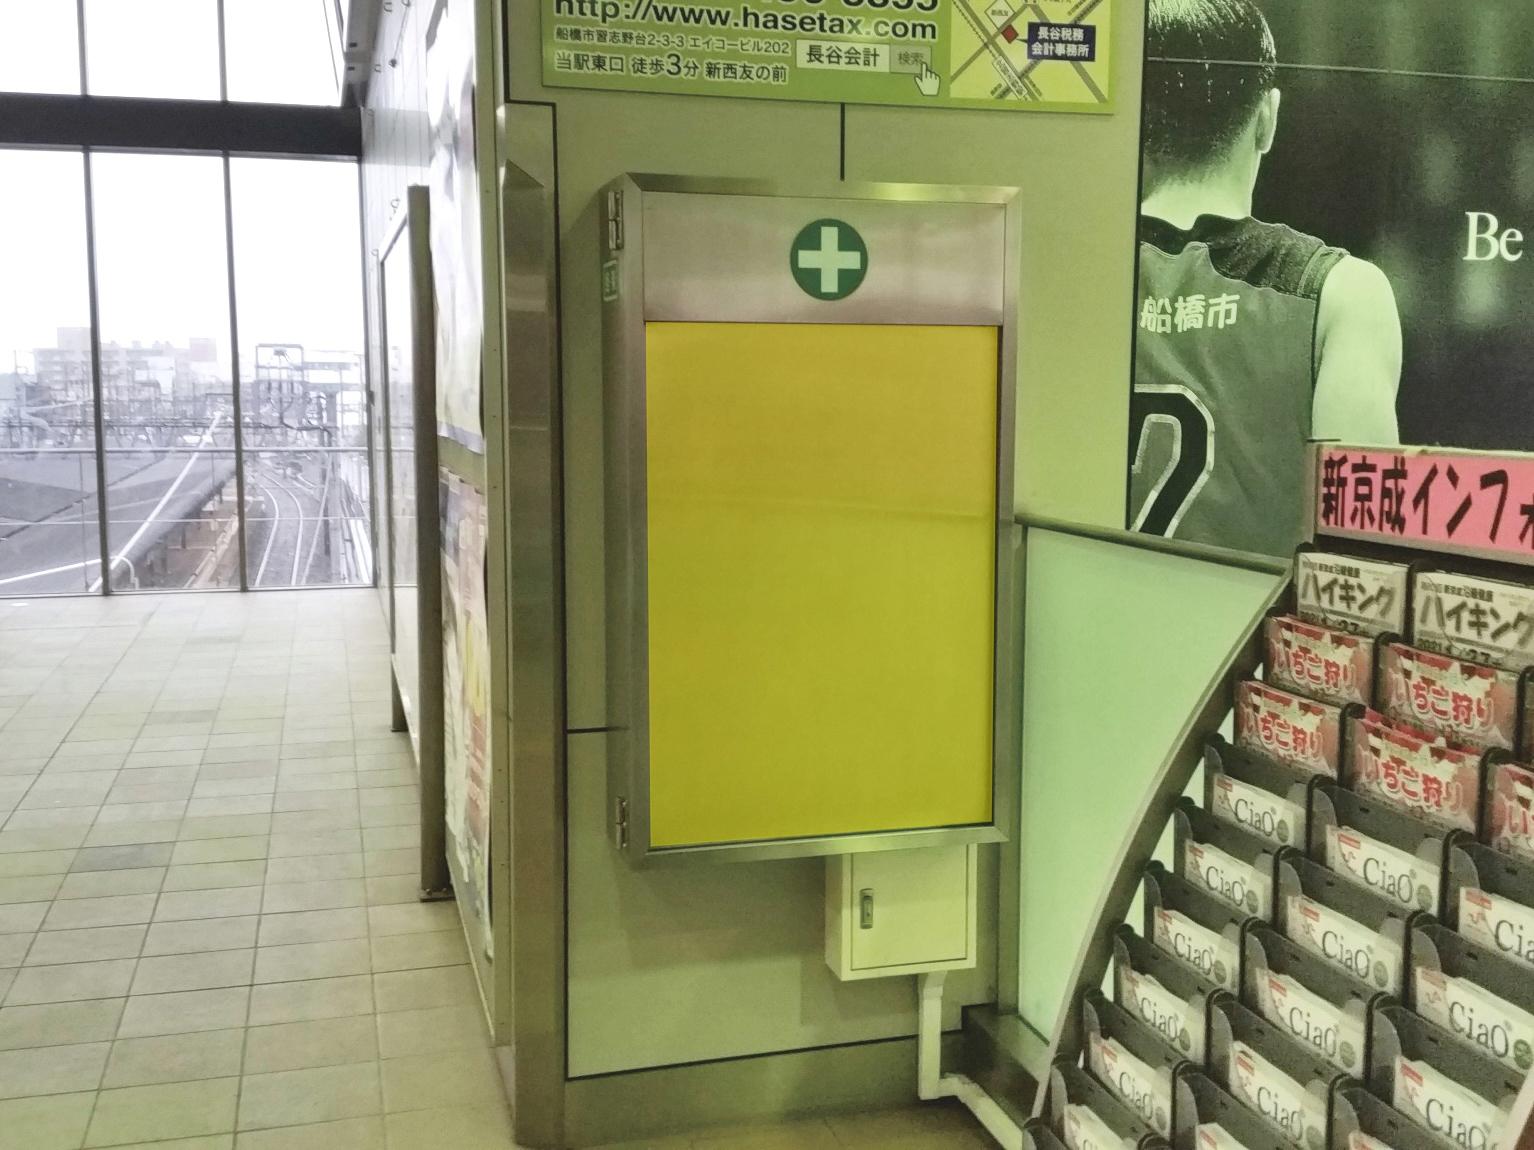 北習志野駅媒体画像